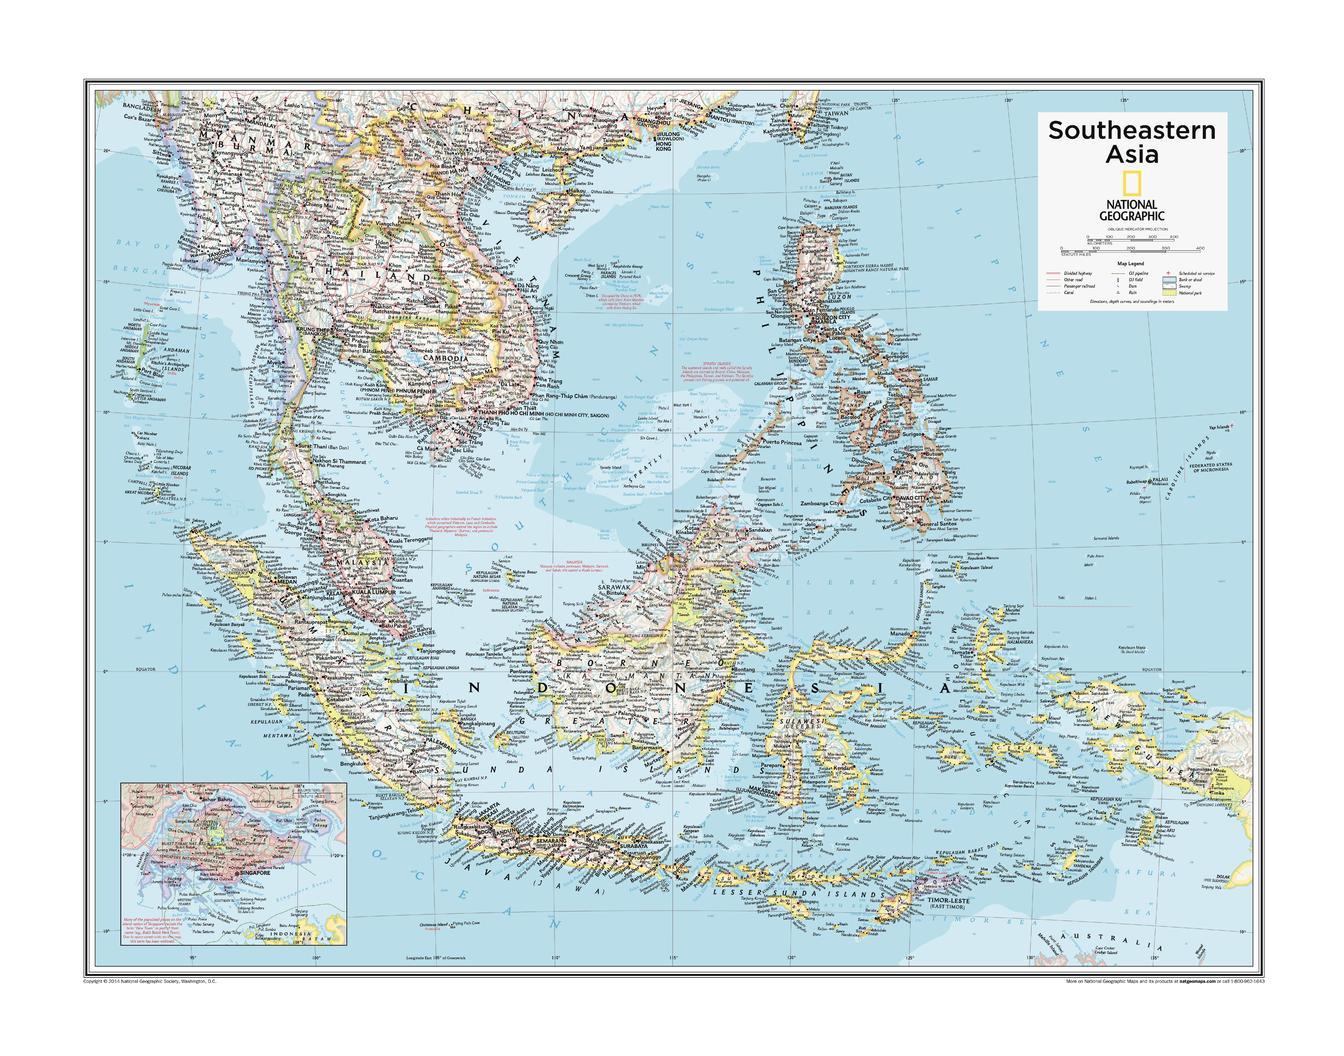 Southeastern Asia